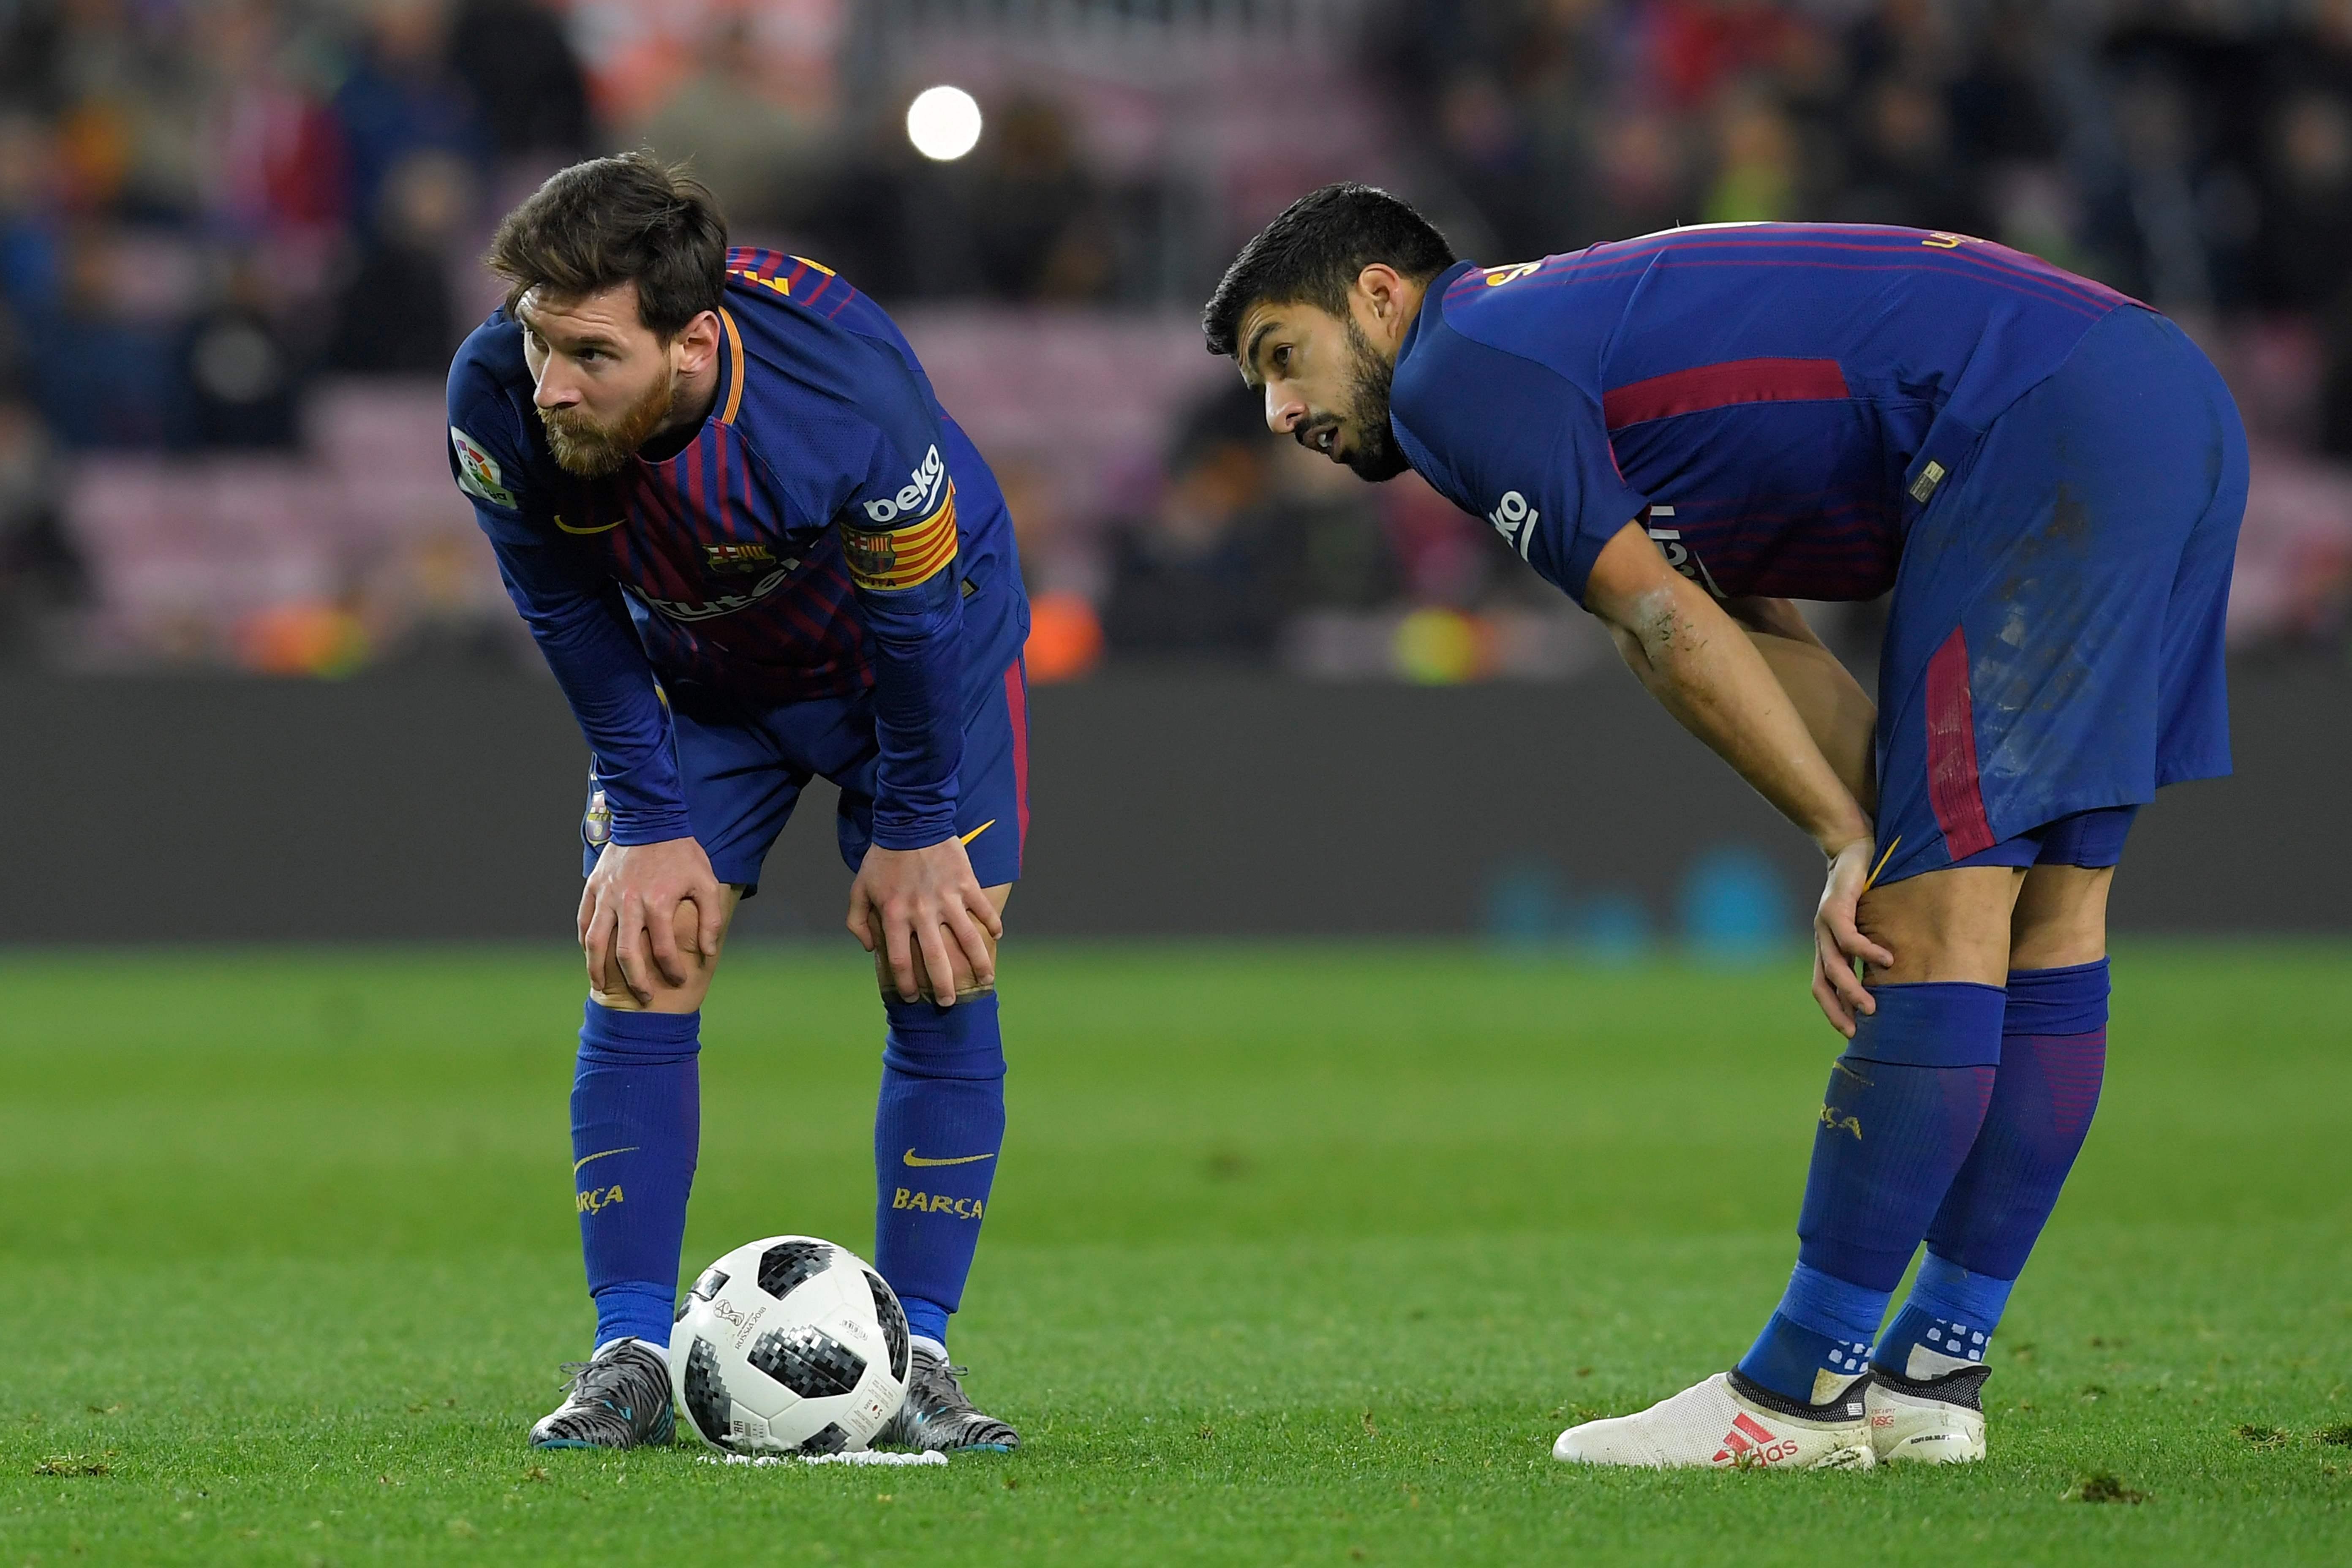 Прогноз на матч Вильярреал - Барселона 08 января 2017